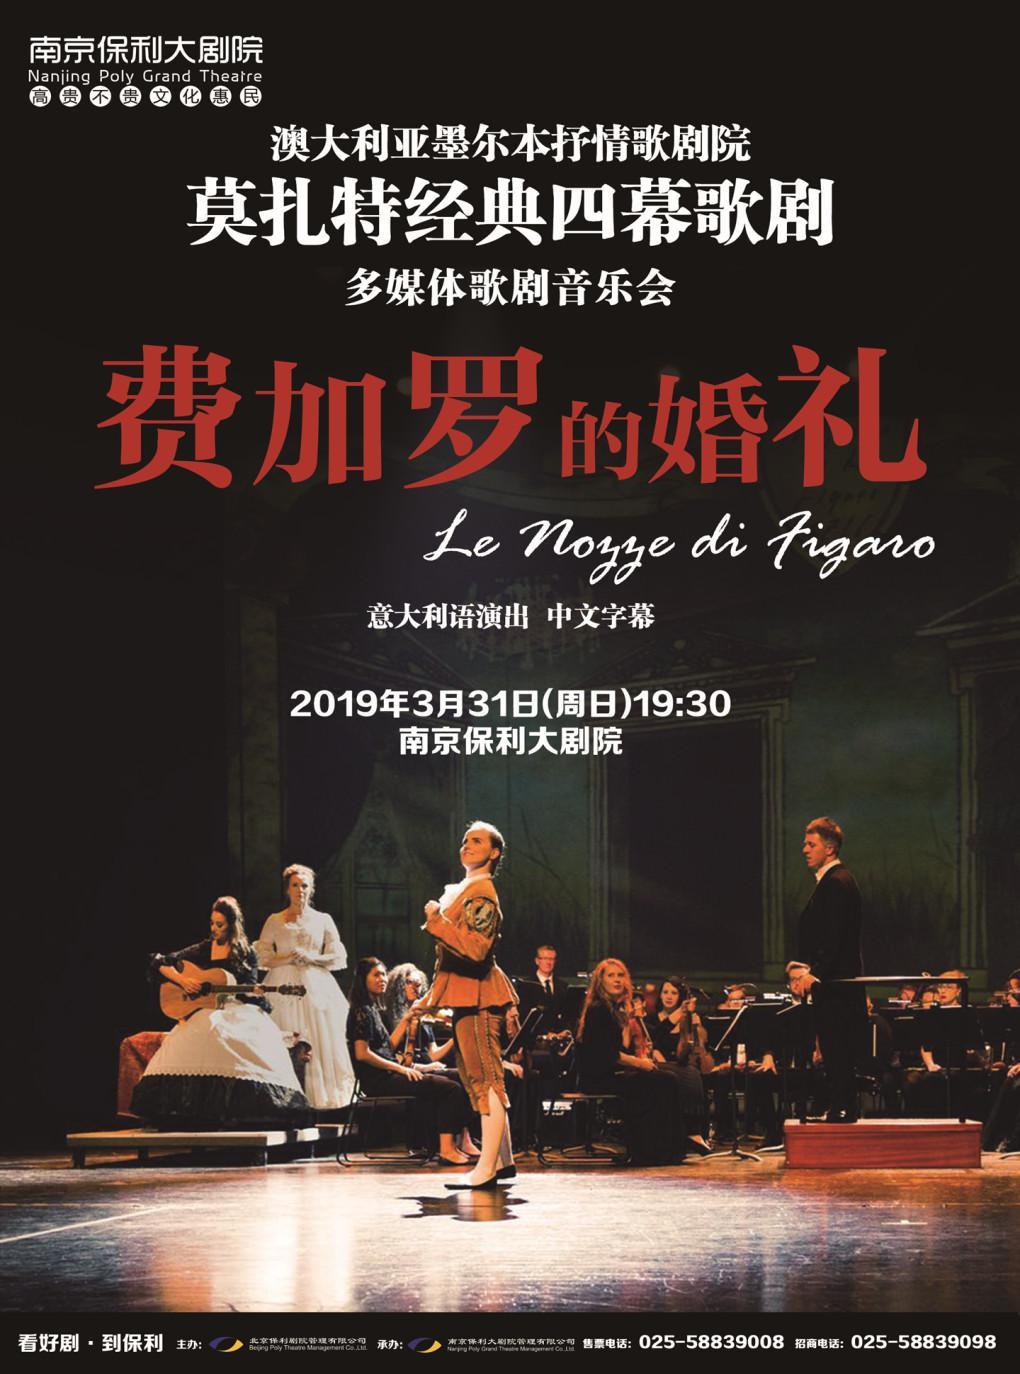 《费加罗的婚礼》歌剧音乐会